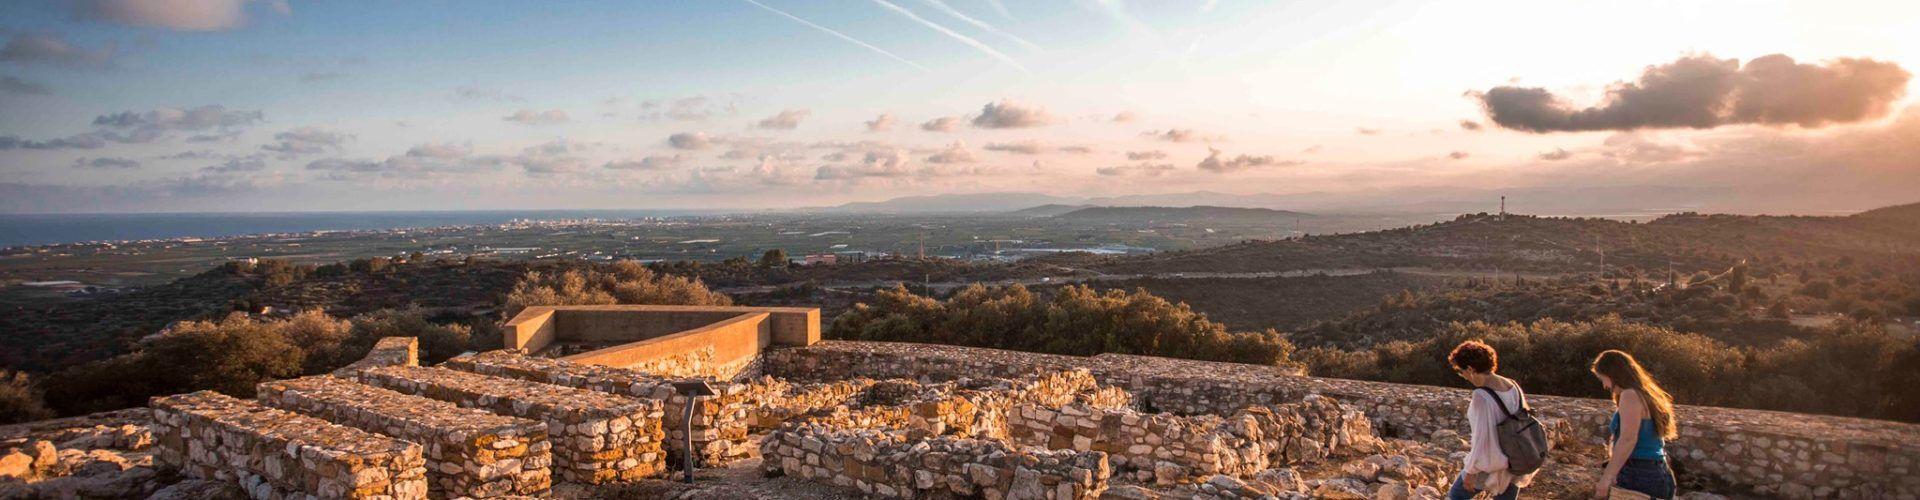 El Parc Arqueològic de la Moleta del Remei d'Alcanar obté el distintiu acreditatiu d'espai de cultura responsable